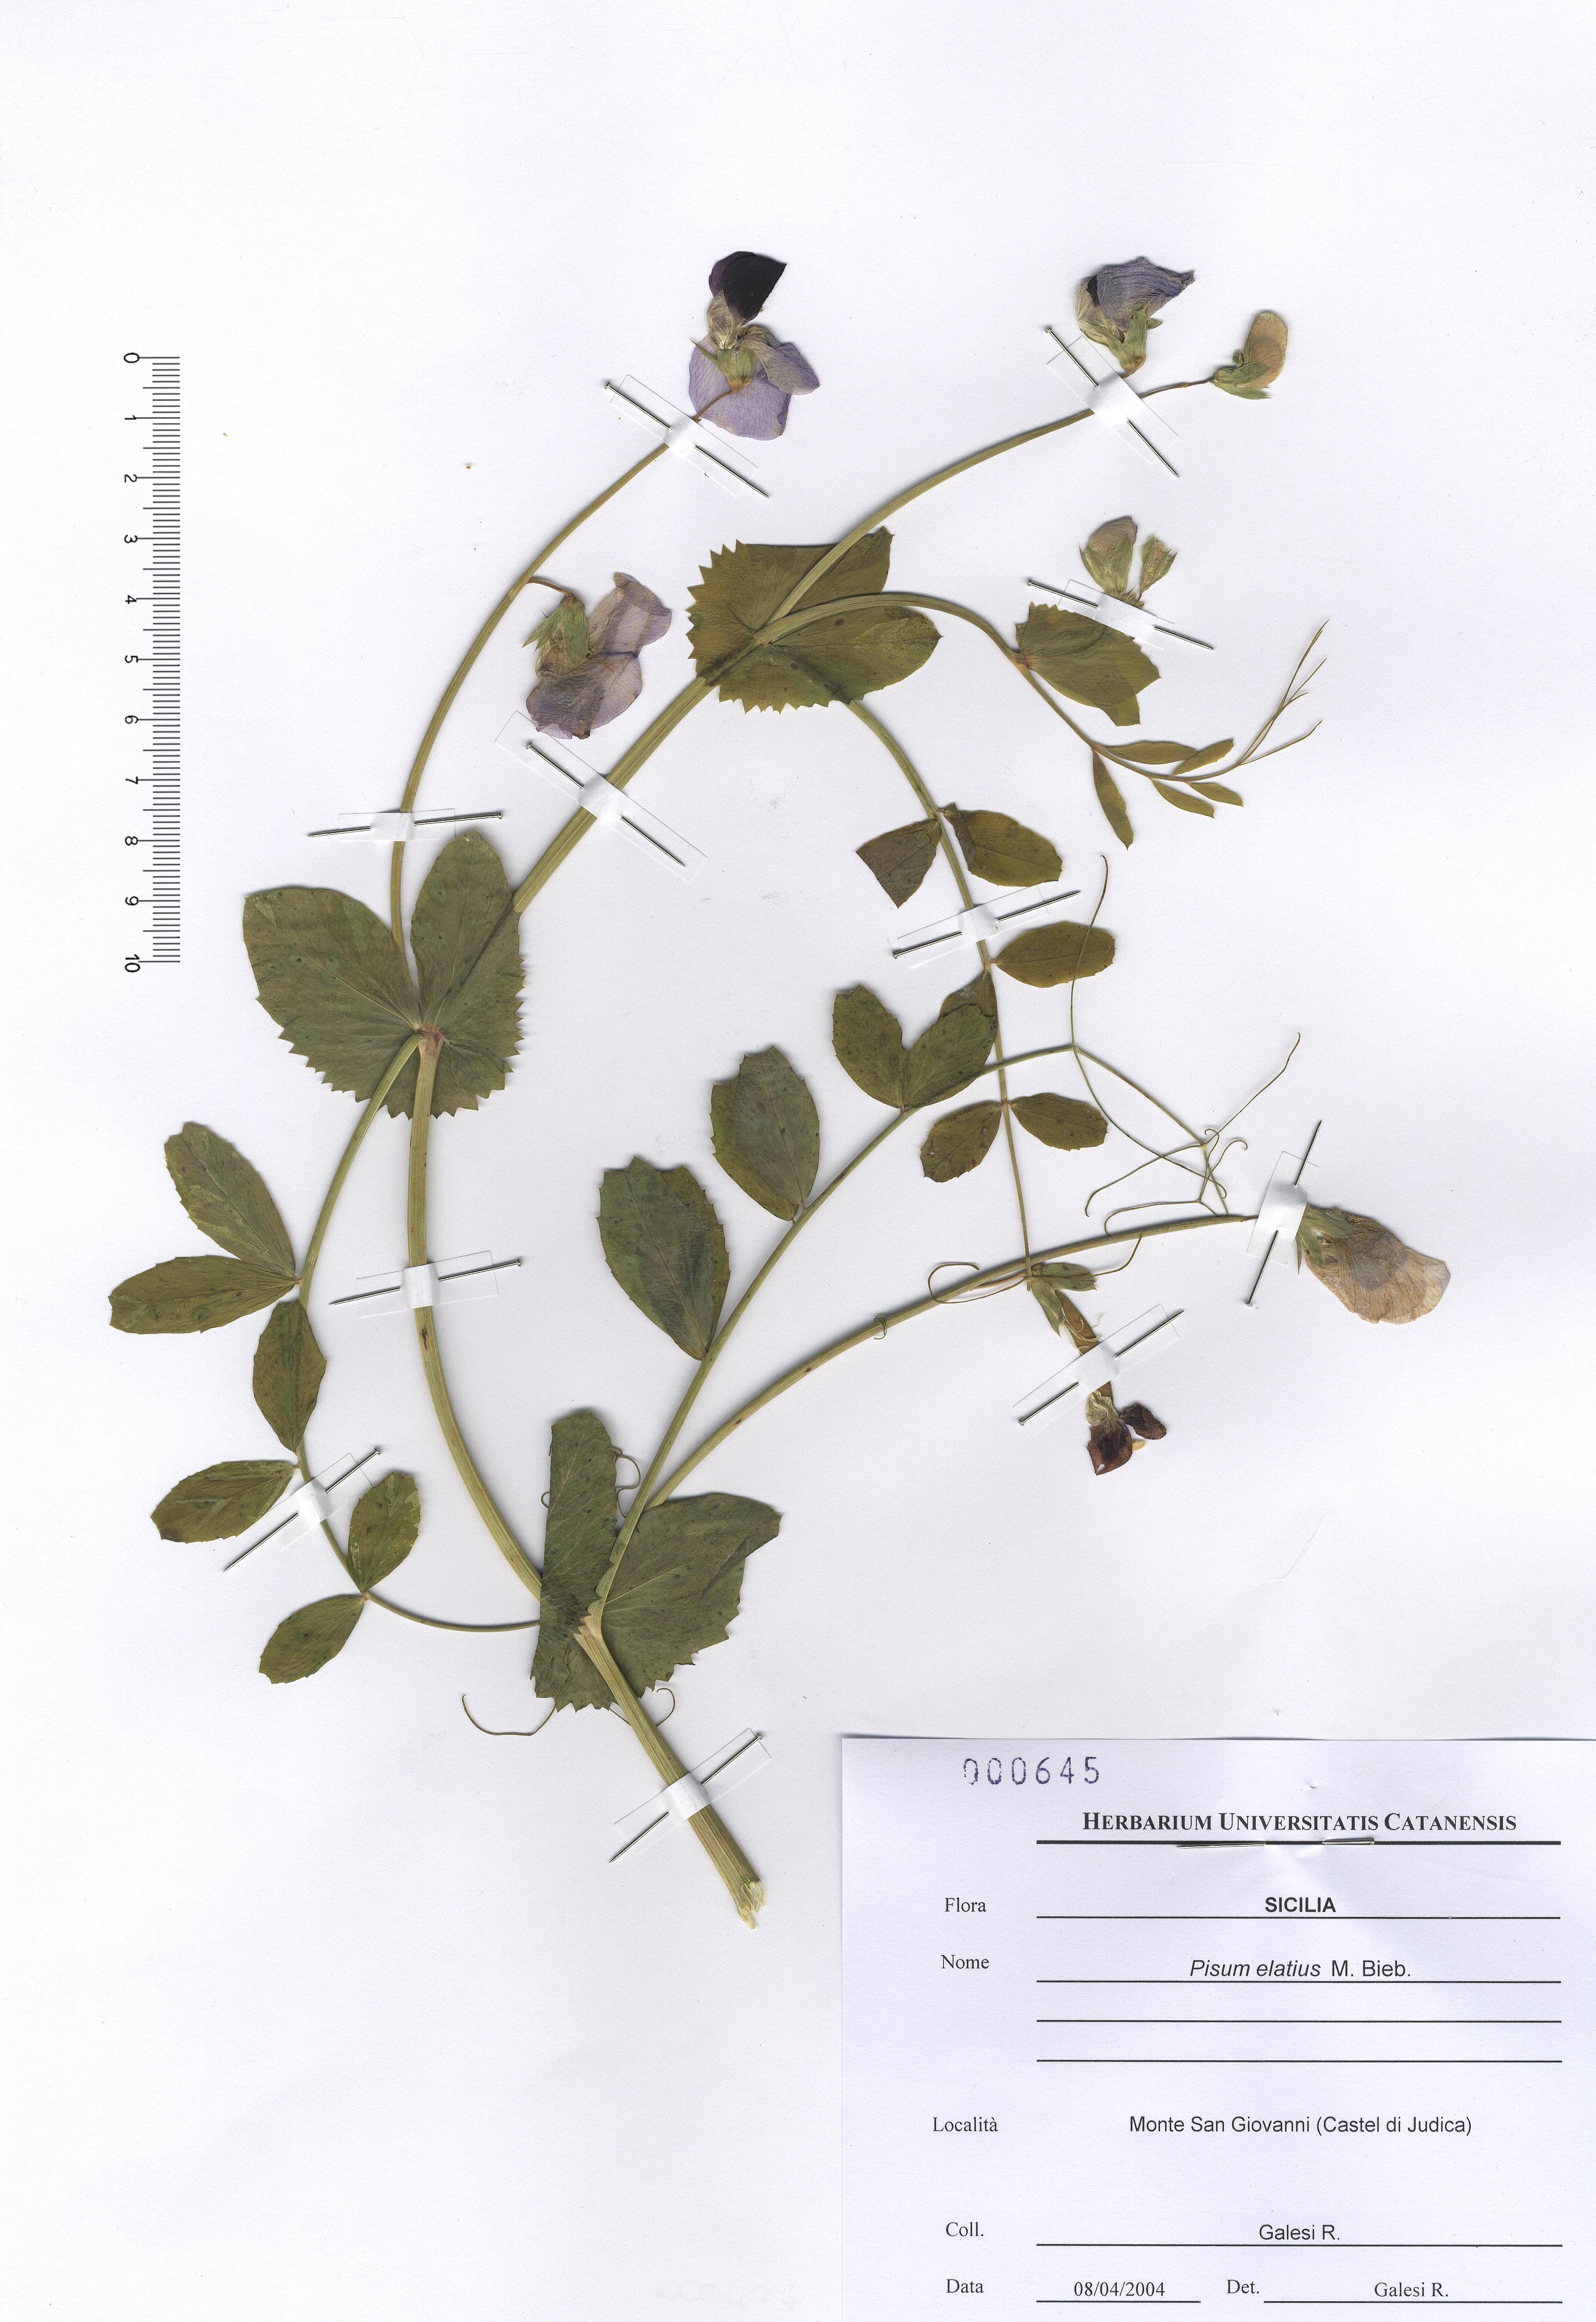 © Hortus Botanicus Catinensis - Herb. sheet 000645<br>